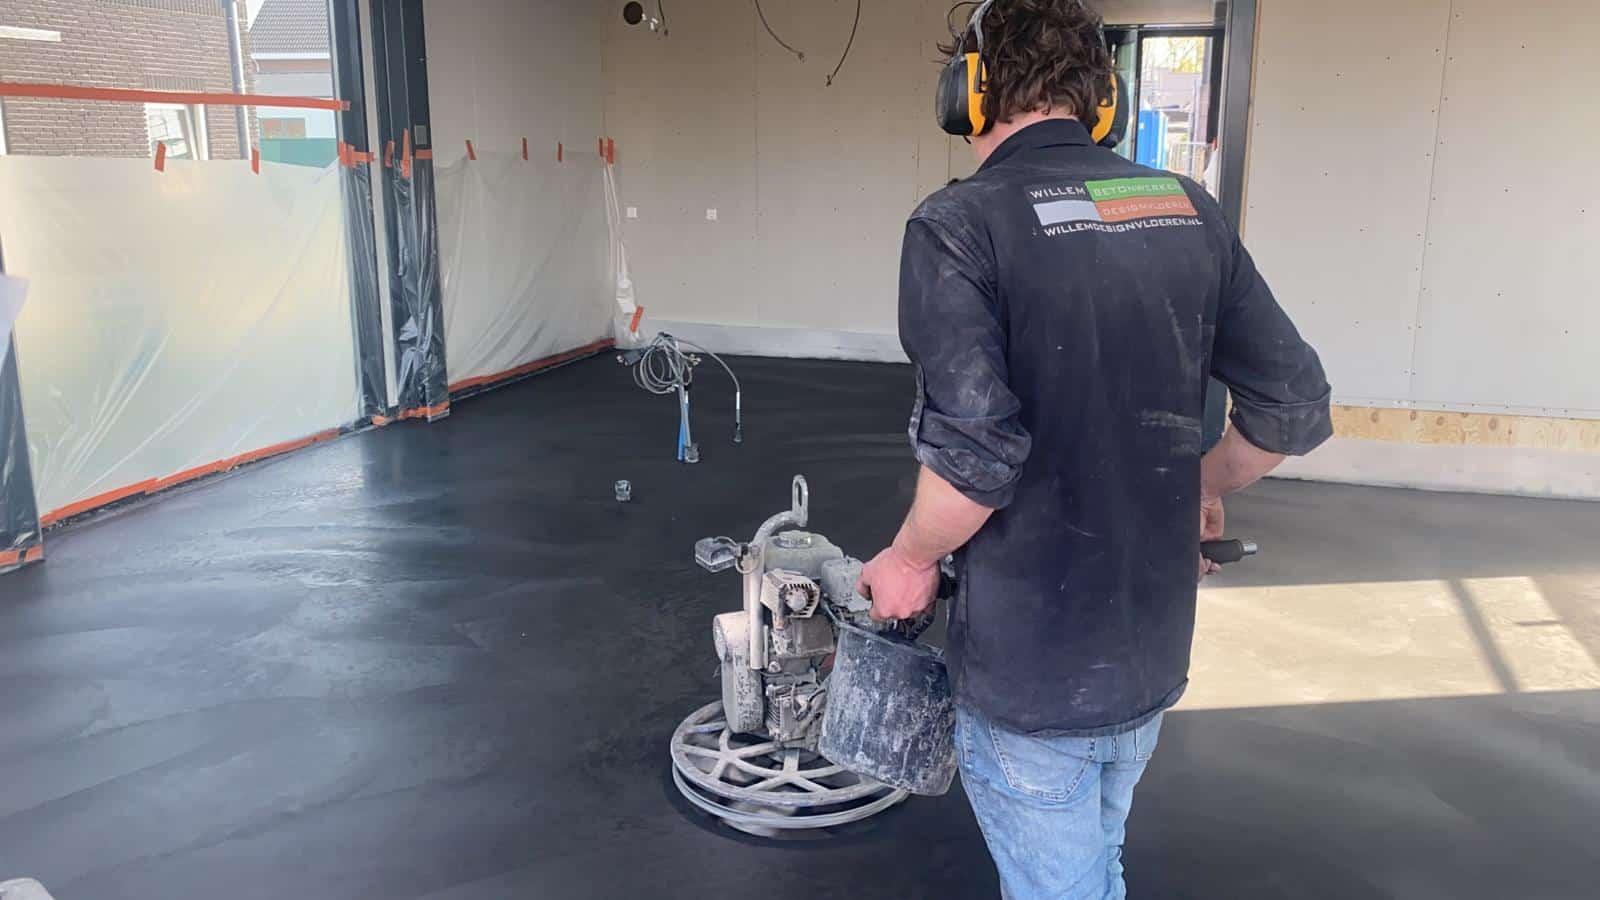 Vacature betonvloerenlegger, betonvloerenlegger